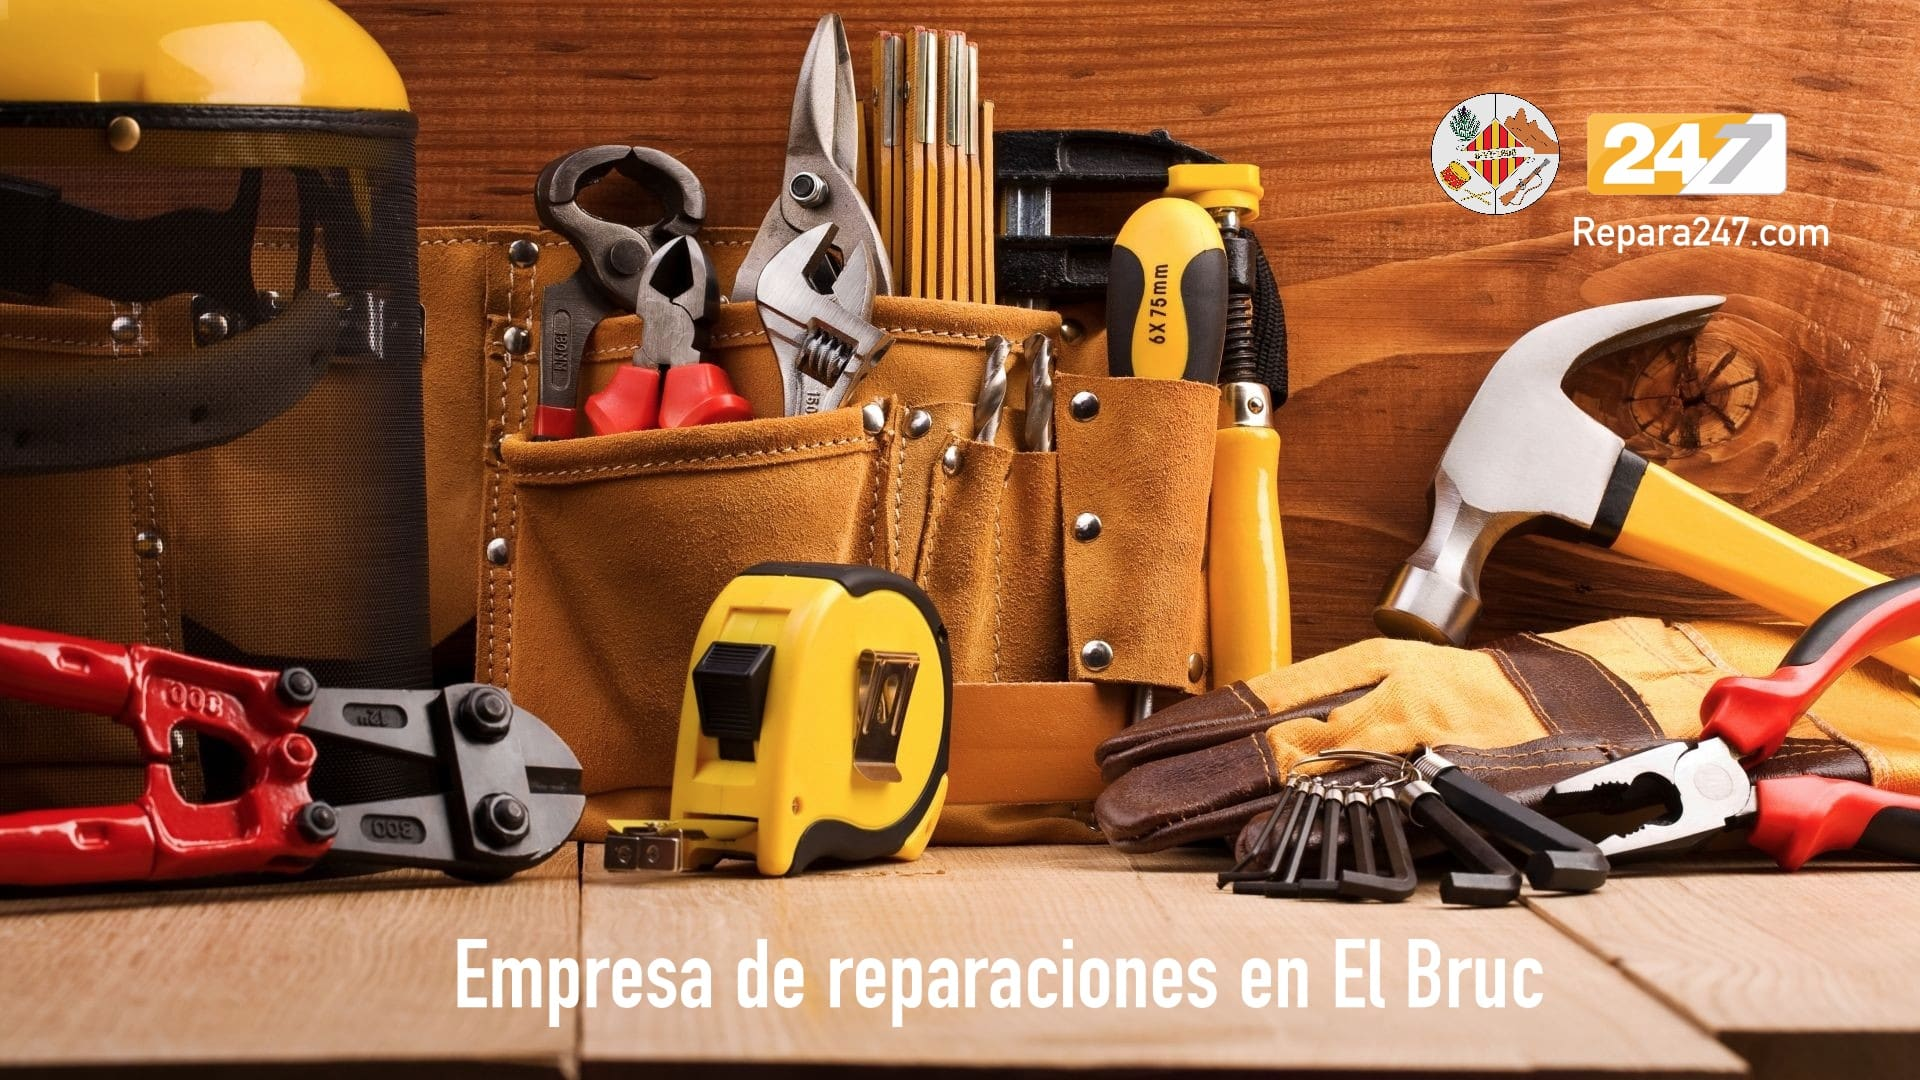 Empresa de reparaciones en El Bruc